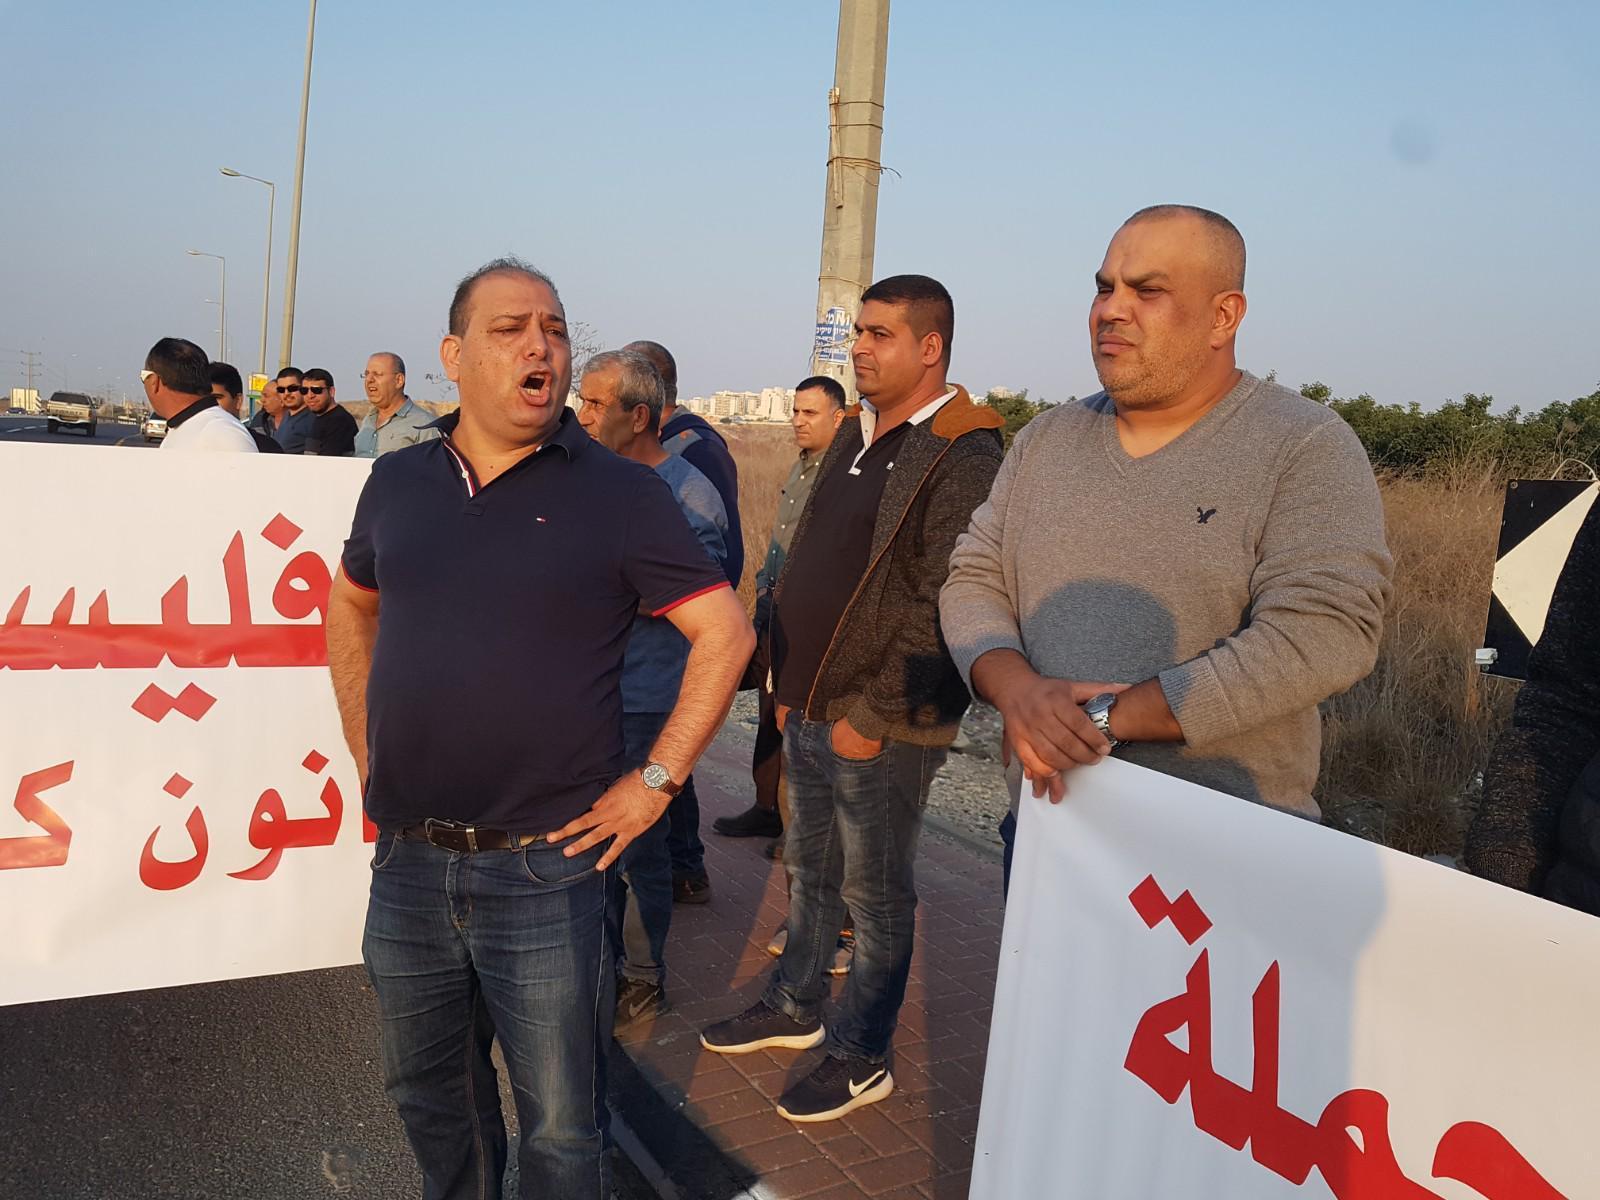 قلنسوة: تواصل الاحتجاج الرافض لإخطارات الهدم بالبلدات العربية